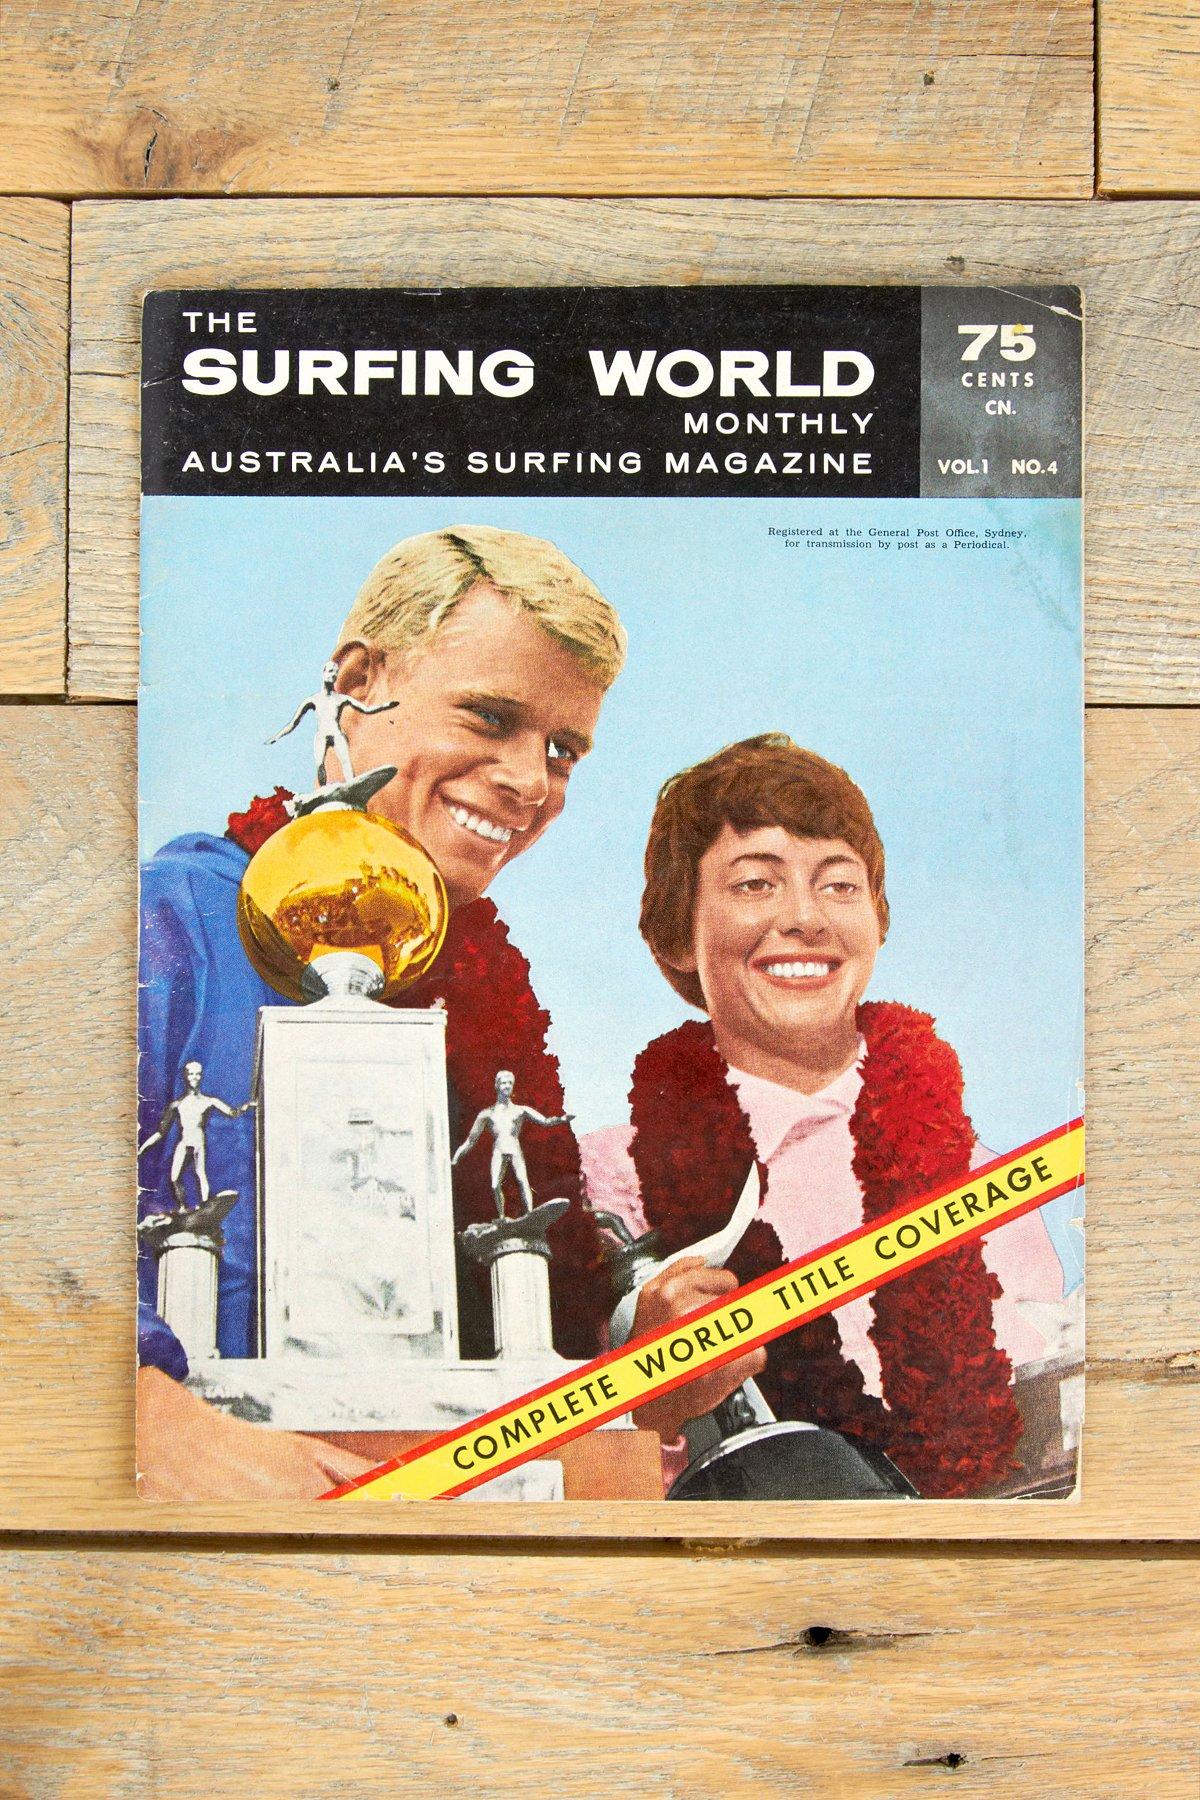 Vintage Surfing World Monthly Magazine Vol. 1 No. 4